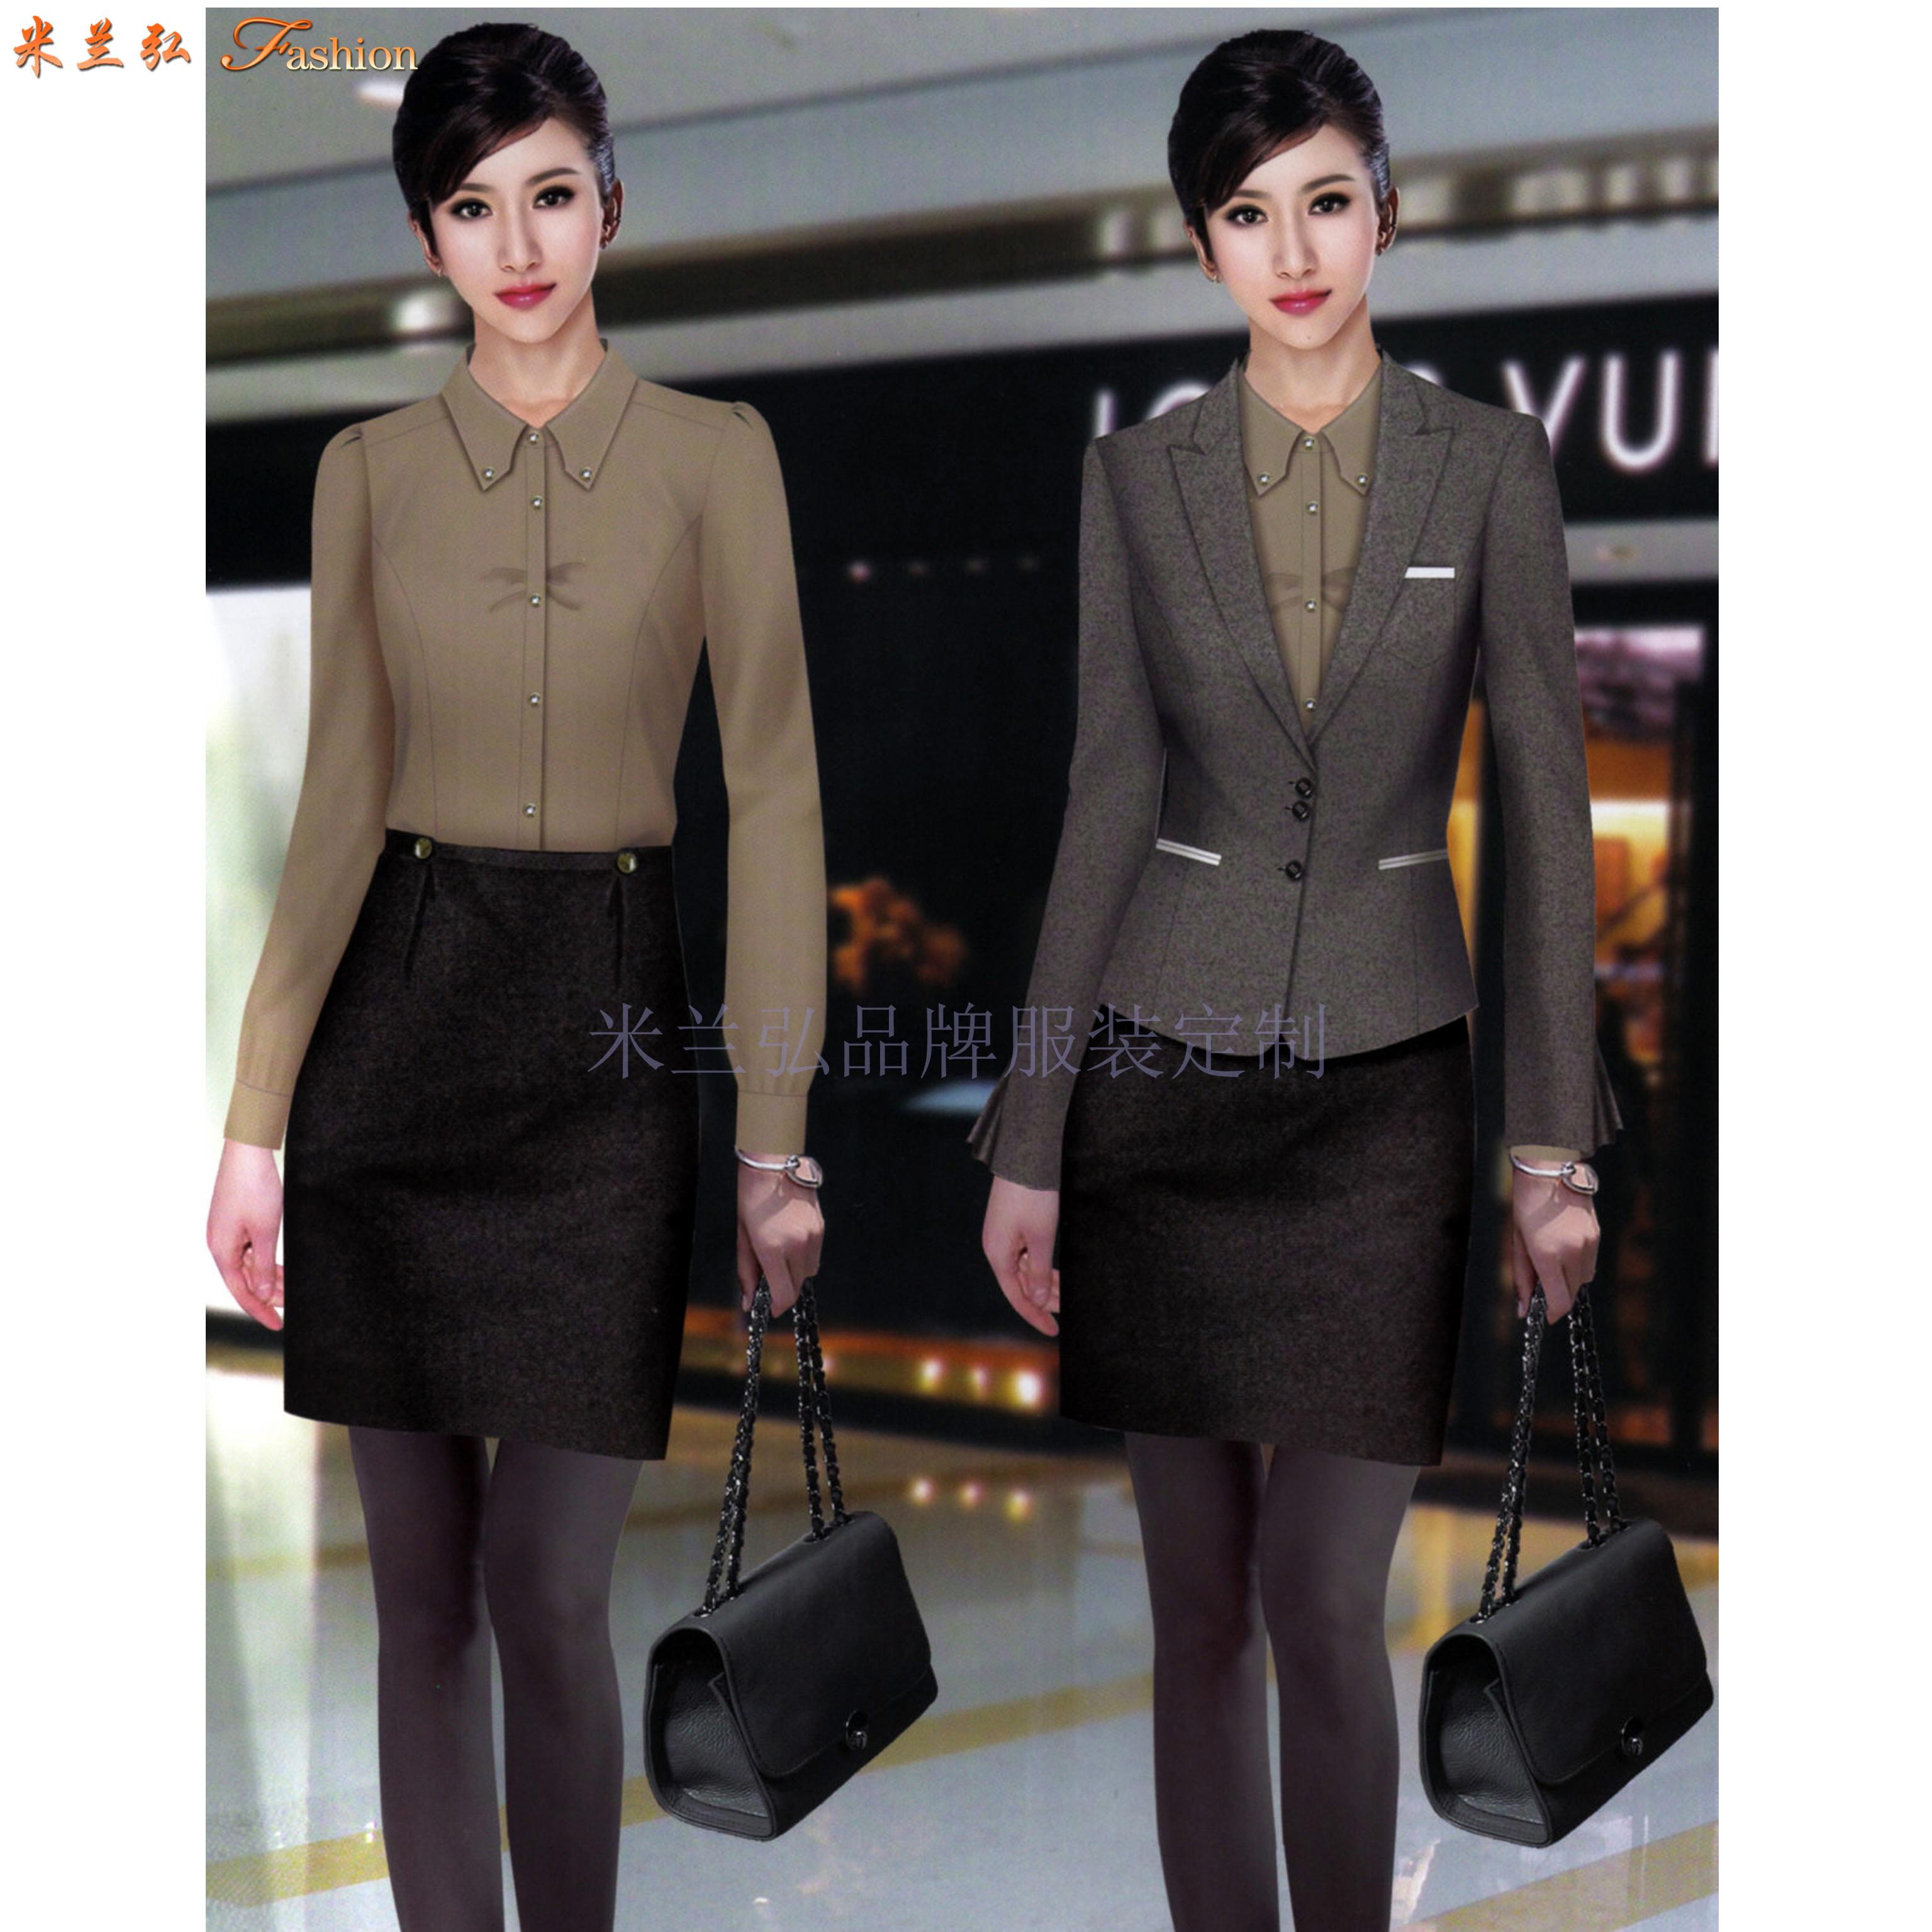 女士冬季職業裝搭配款式套裝_新款潮流女式職業裝-米蘭弘職業裝-4